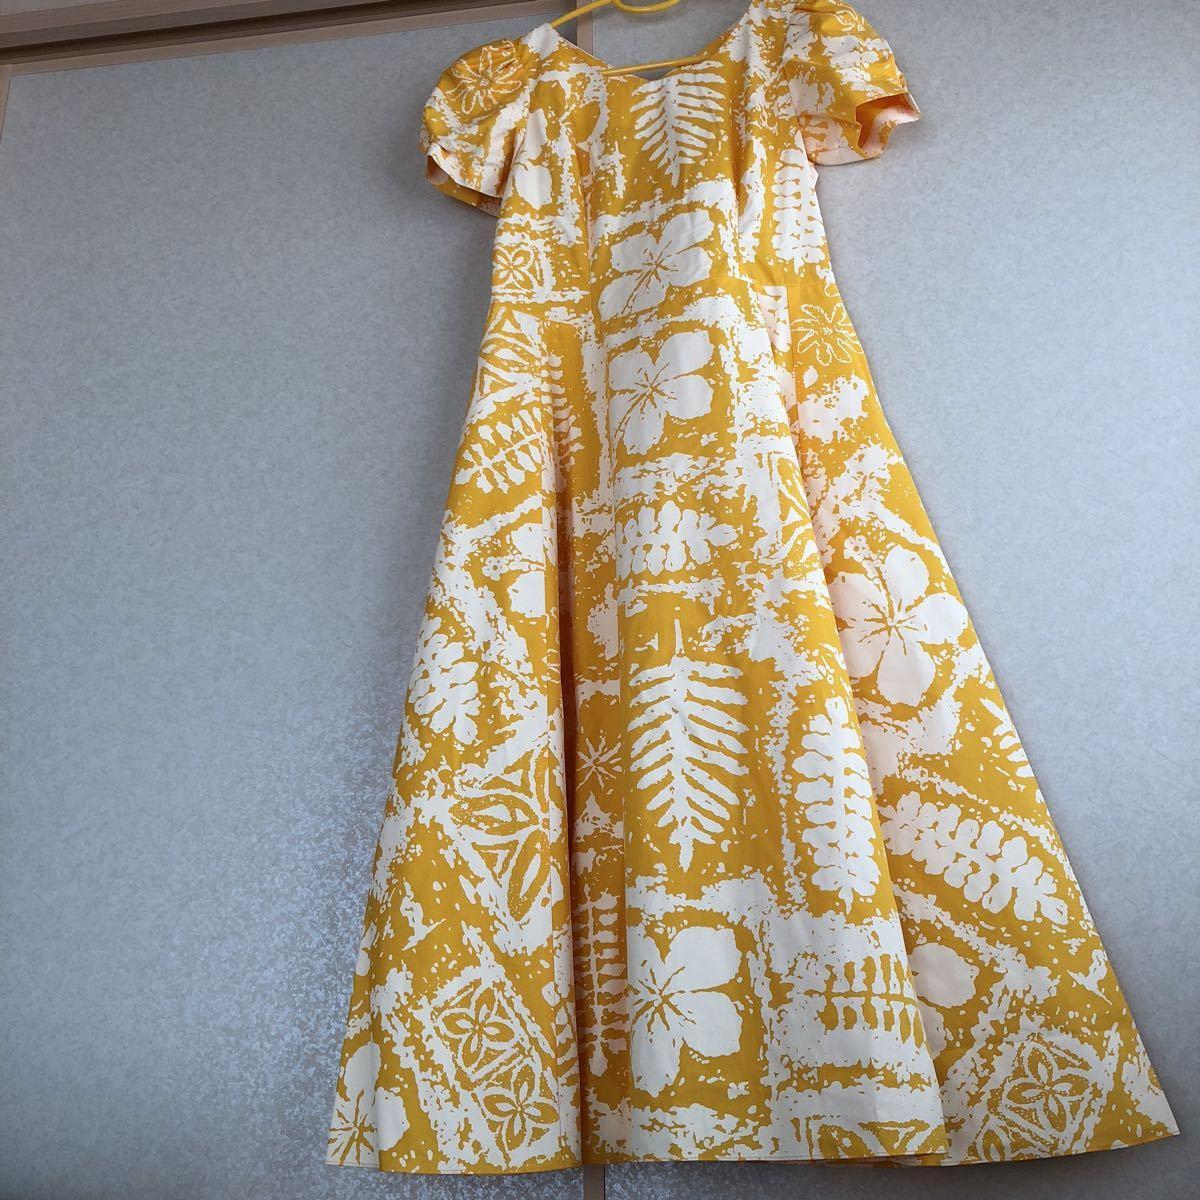 メネフネプランテーション フラ ハワイアン ダンス アロハ ワンピース ドレス 美品 黄色 フレア_画像1